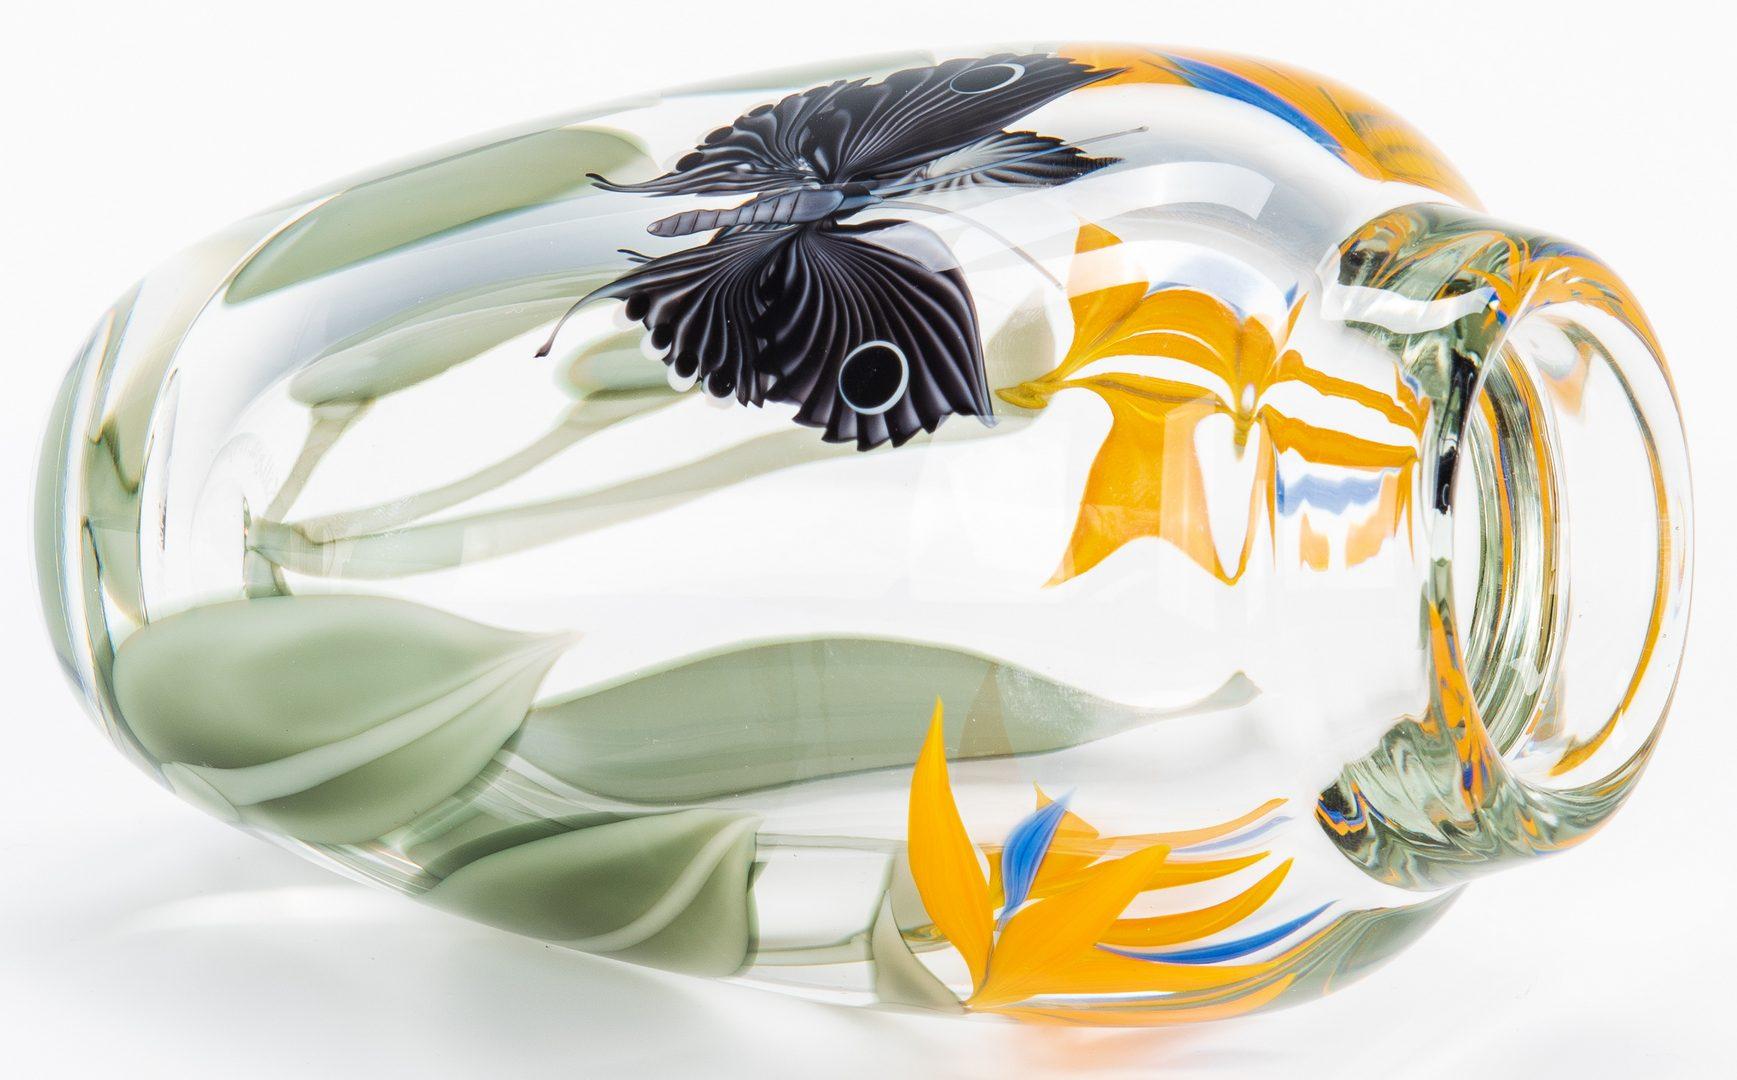 Lot 138: 2 Orient & Flume Art Glass Vases